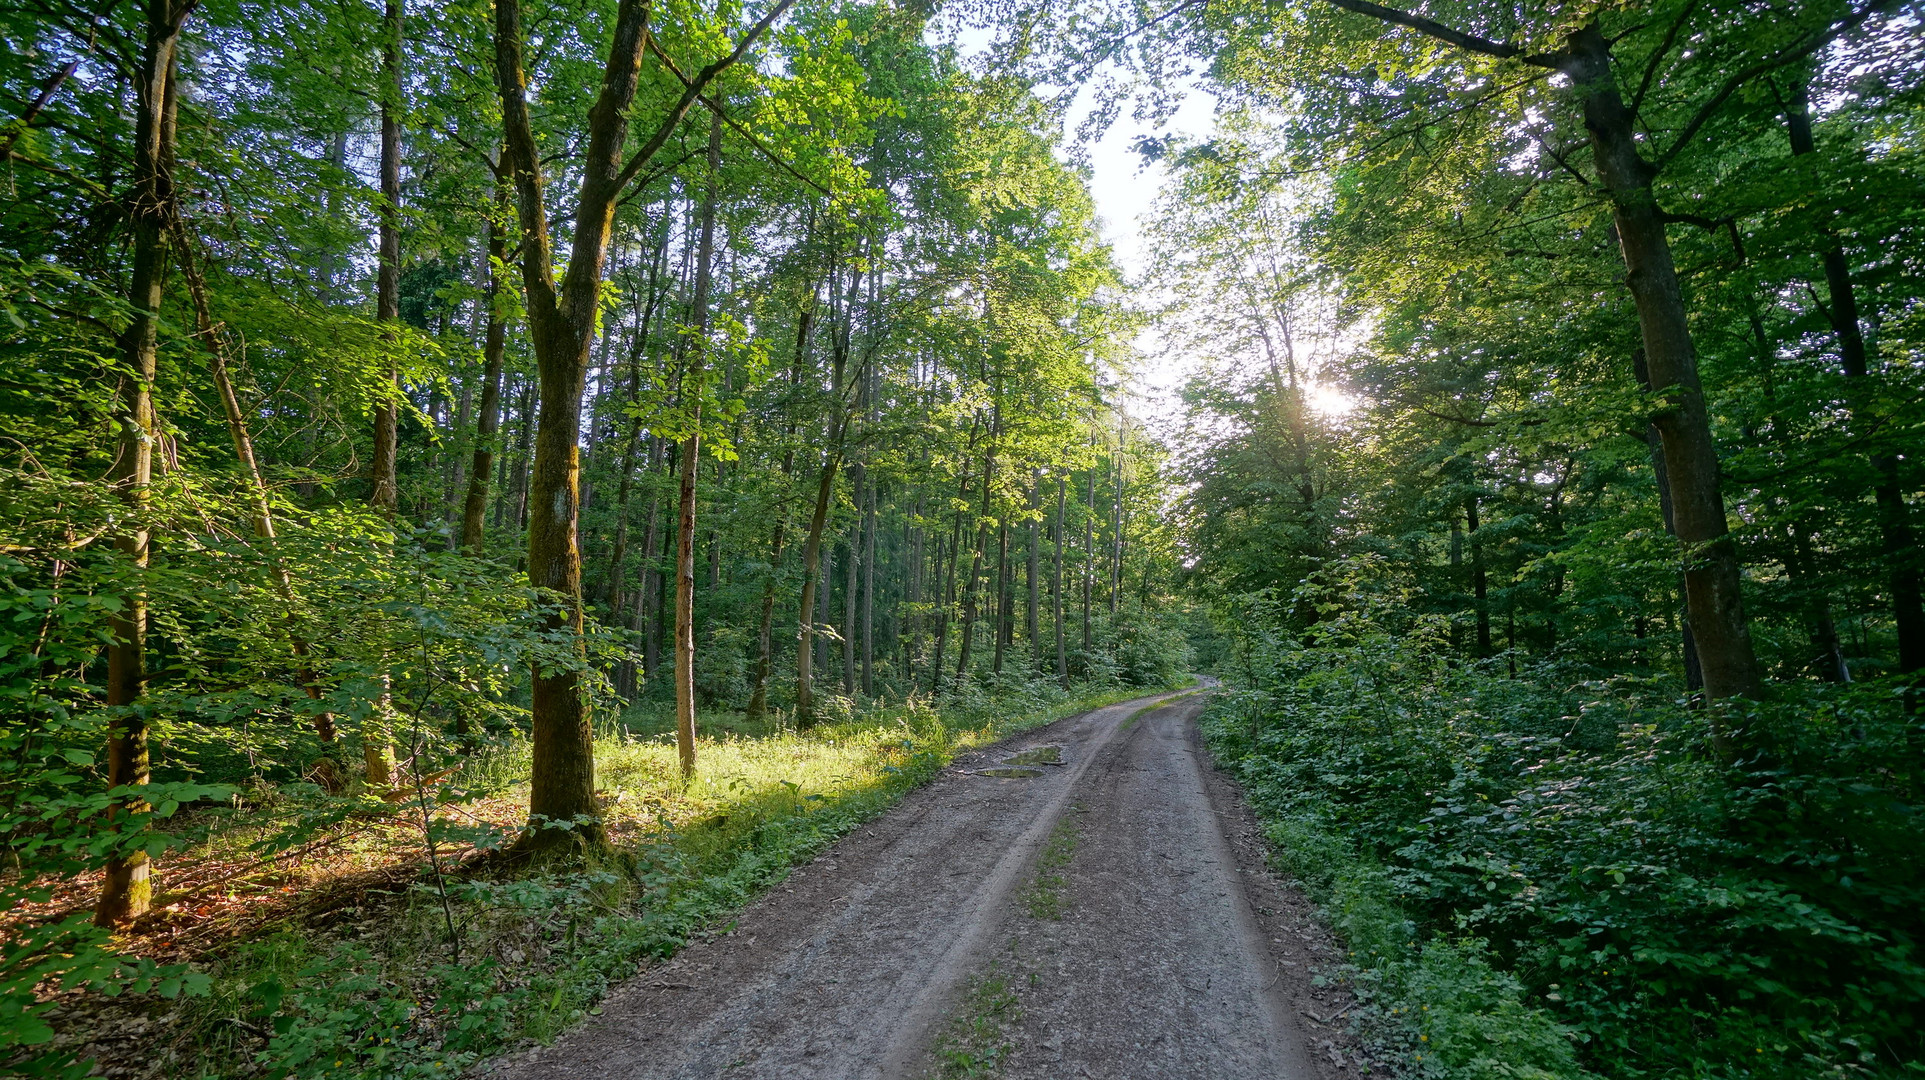 heute wieder im Wald (hoy en el bosque otra vez)